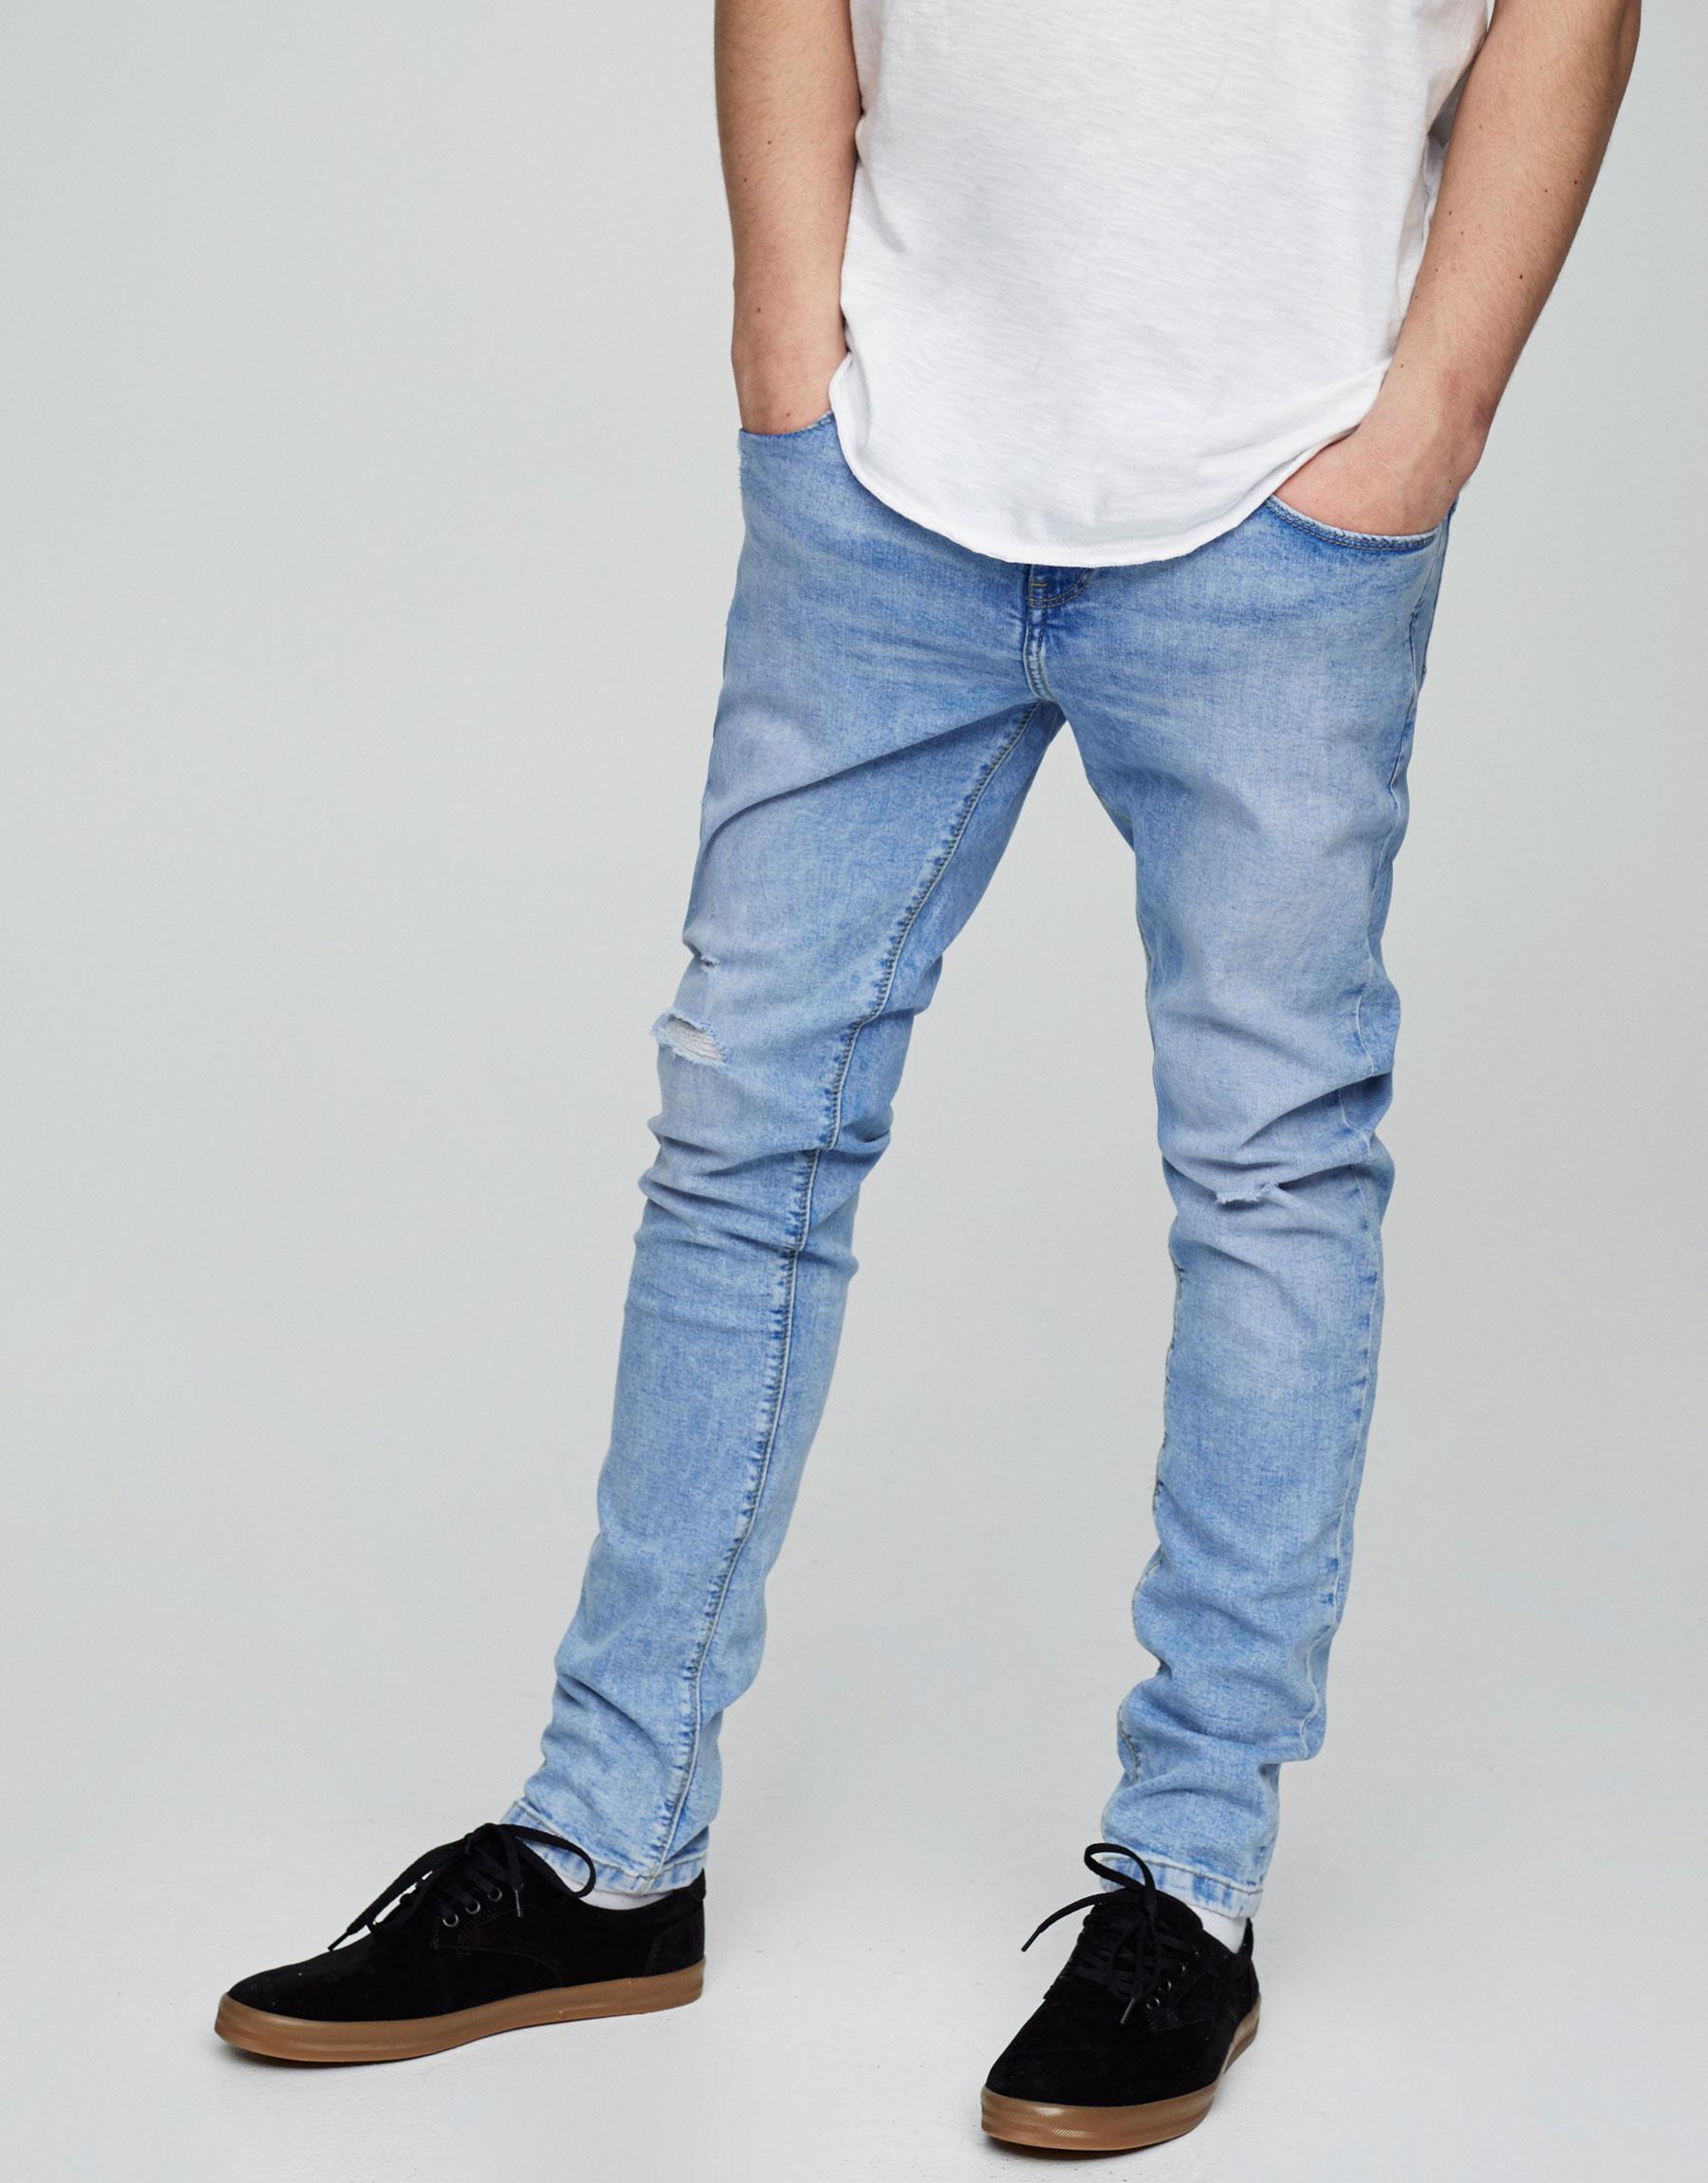 Jeans skinny fit azul claro